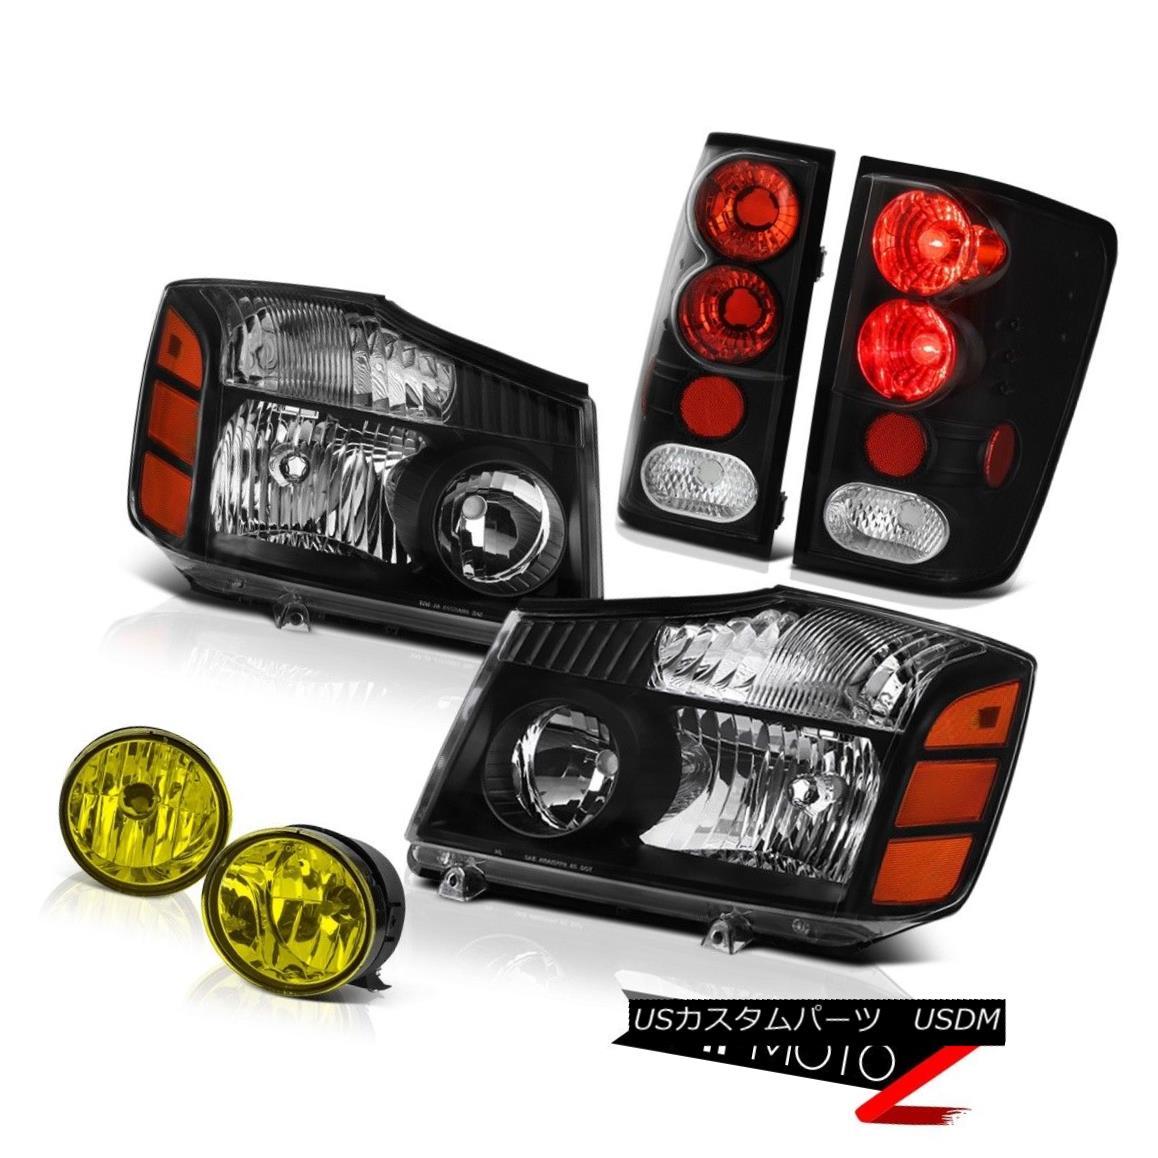 ヘッドライト For 2004-2015 Titan SL Black Diamond Headlight Black Tail Brake Light Yellow Fog 2004年?2015年タイタンSLブラックダイヤモンドヘッドライトブラックテールブレーキライトイエローフォグ